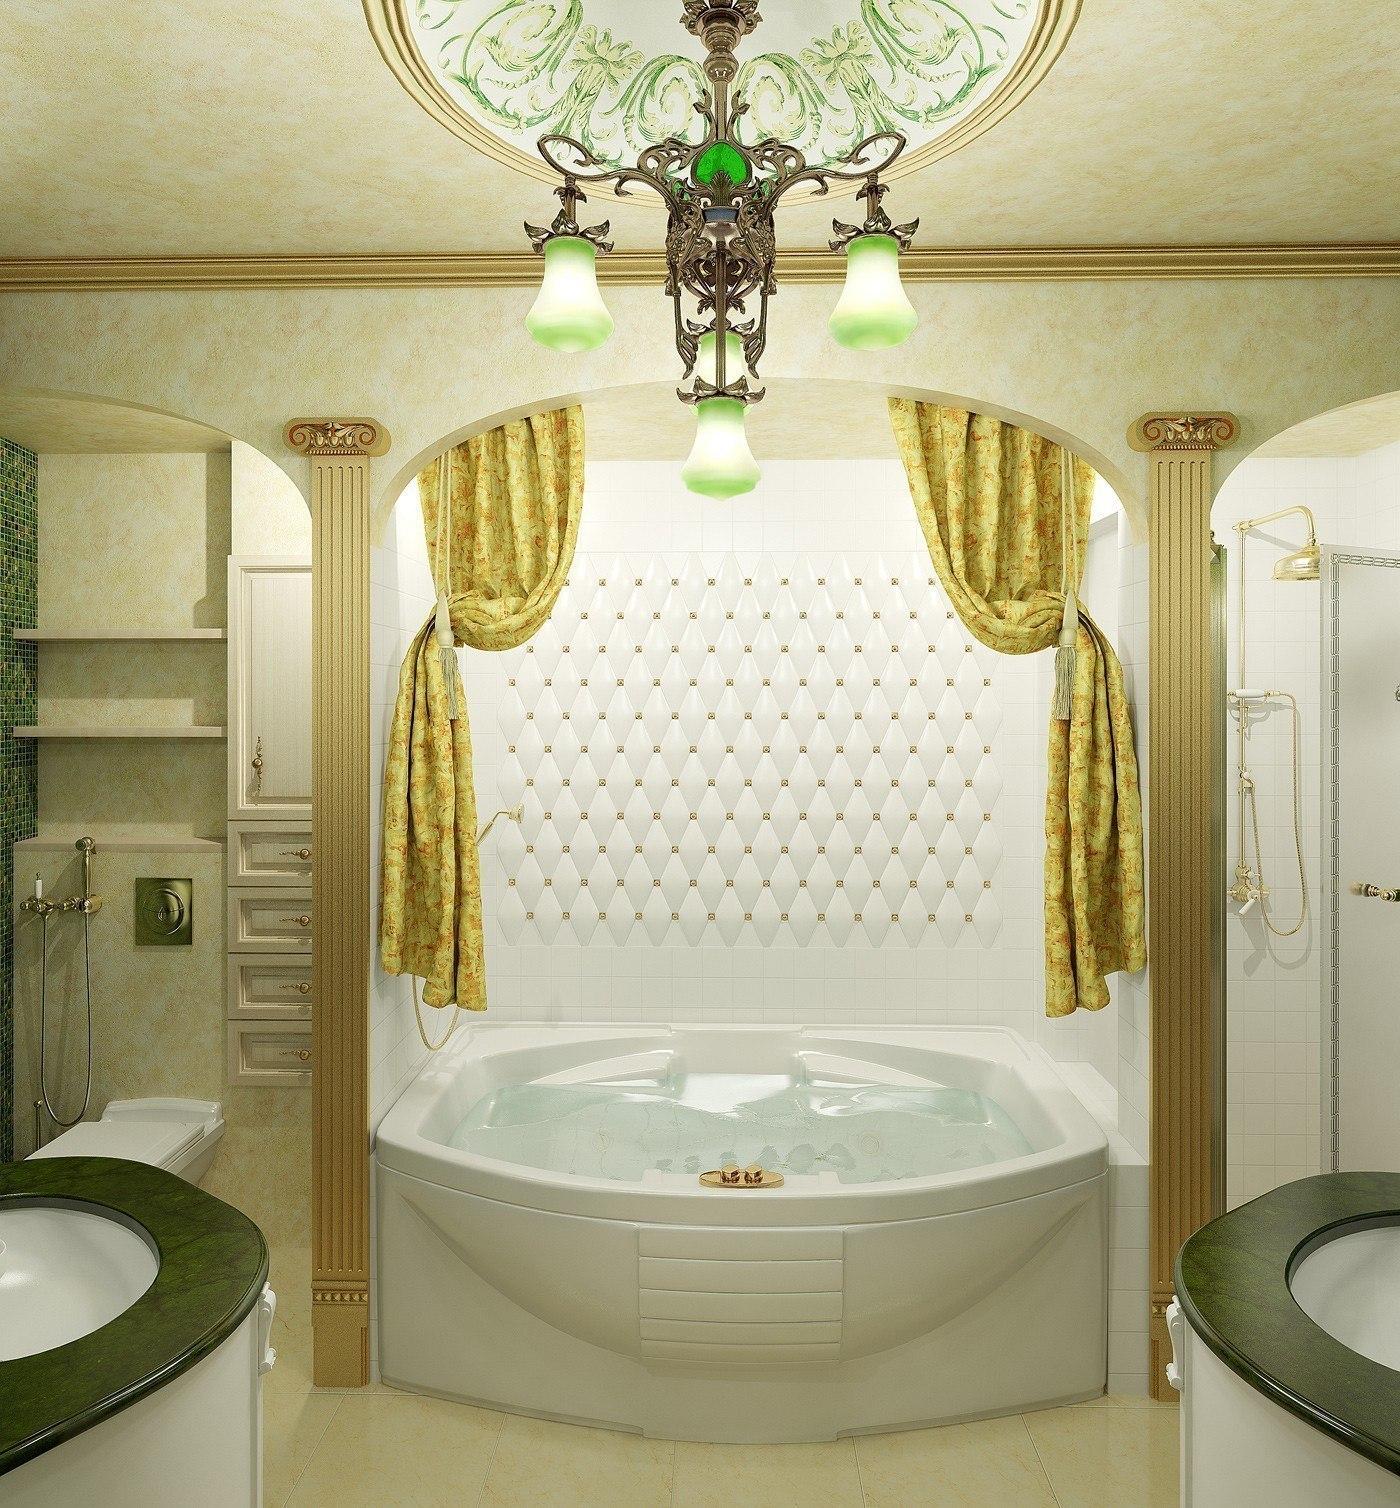 Ванная комната gt freelance job gt фриланс и